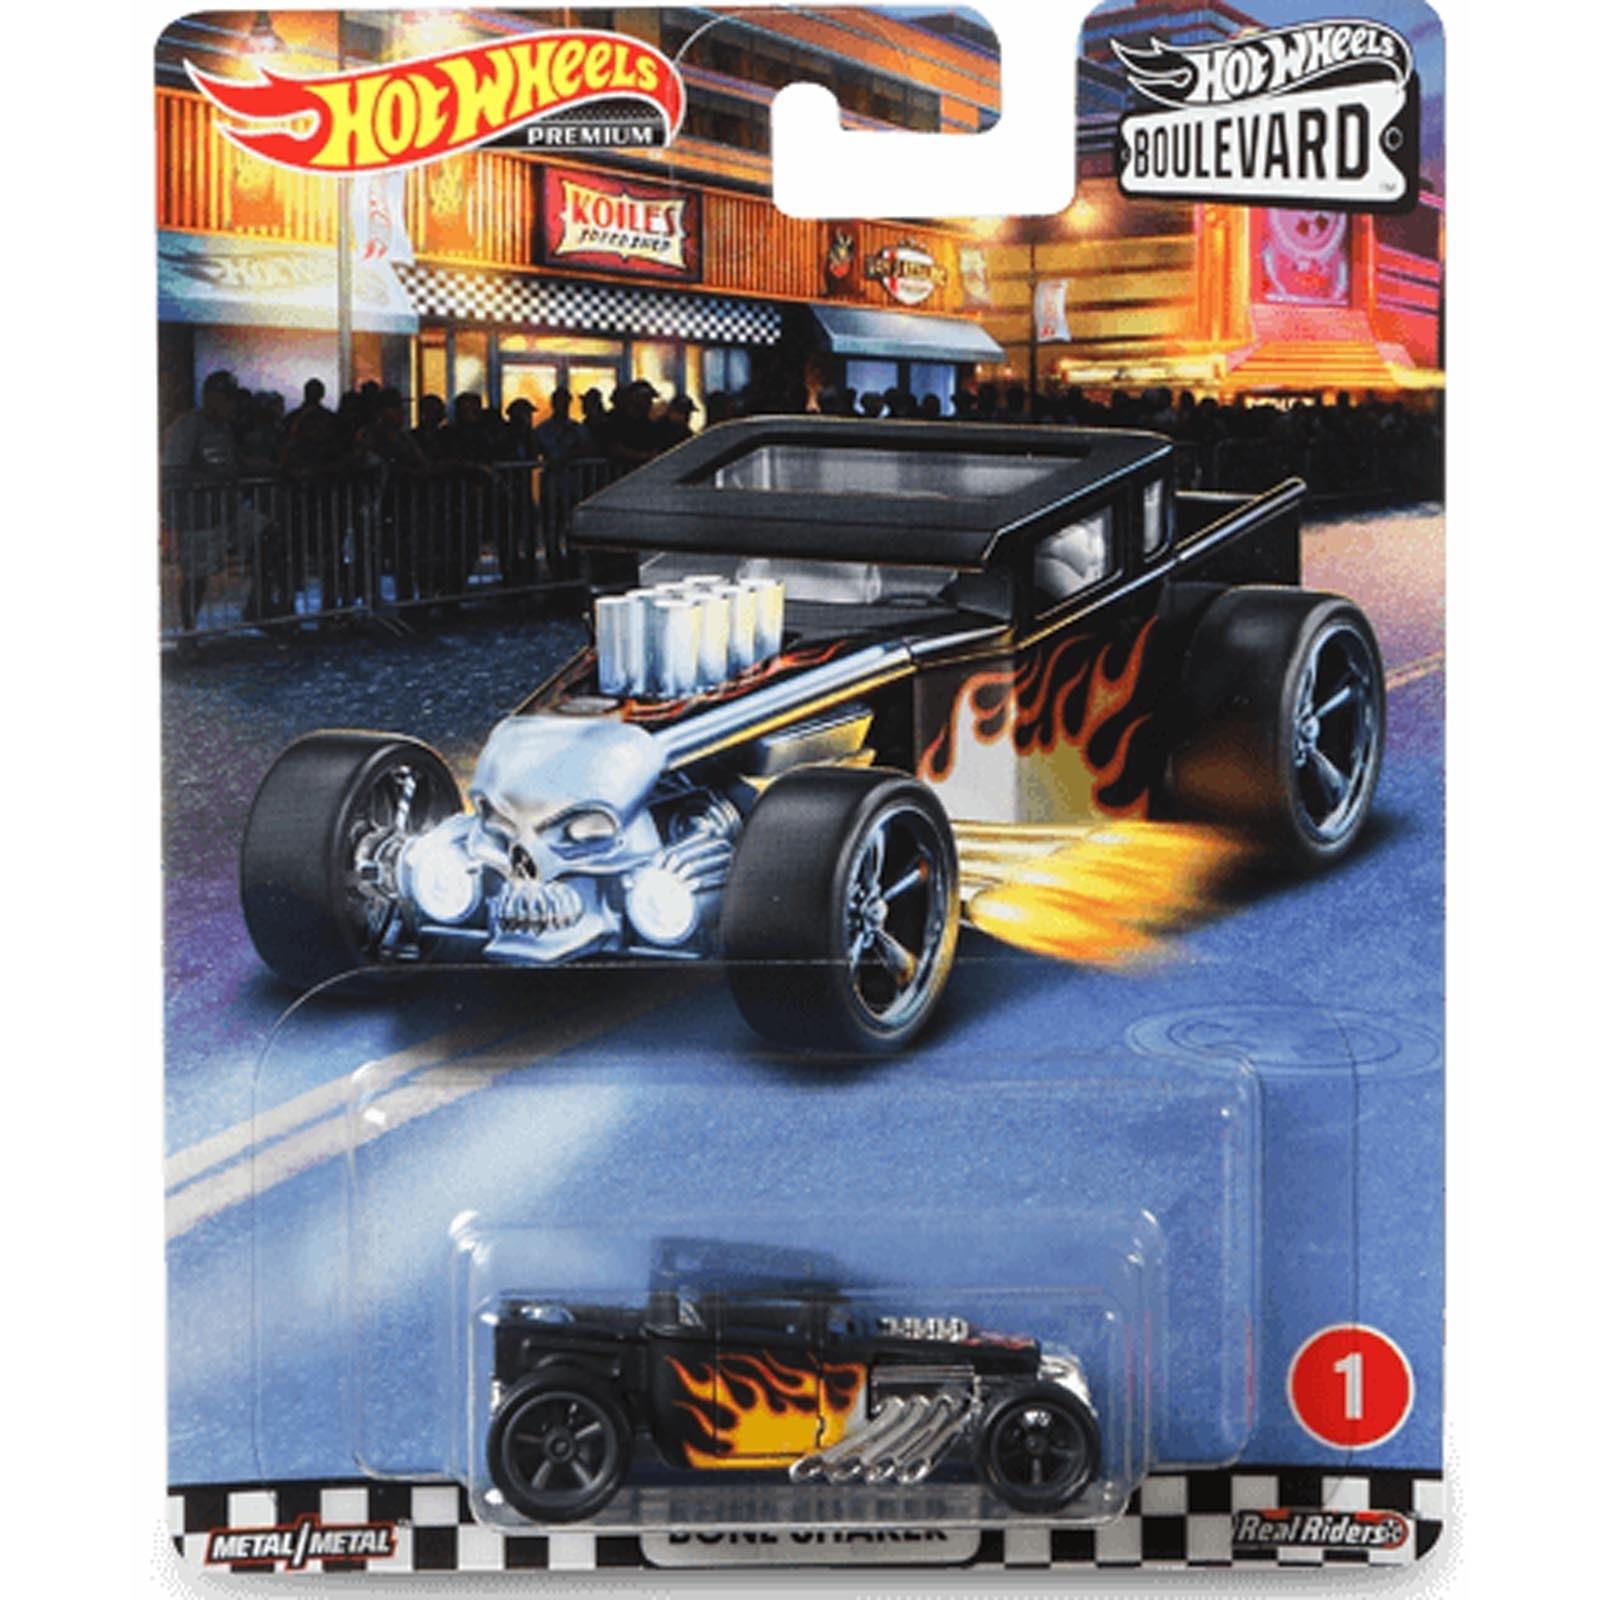 Hot Wheels - Set de 5 Miniaturas - Boulevard - GJT68